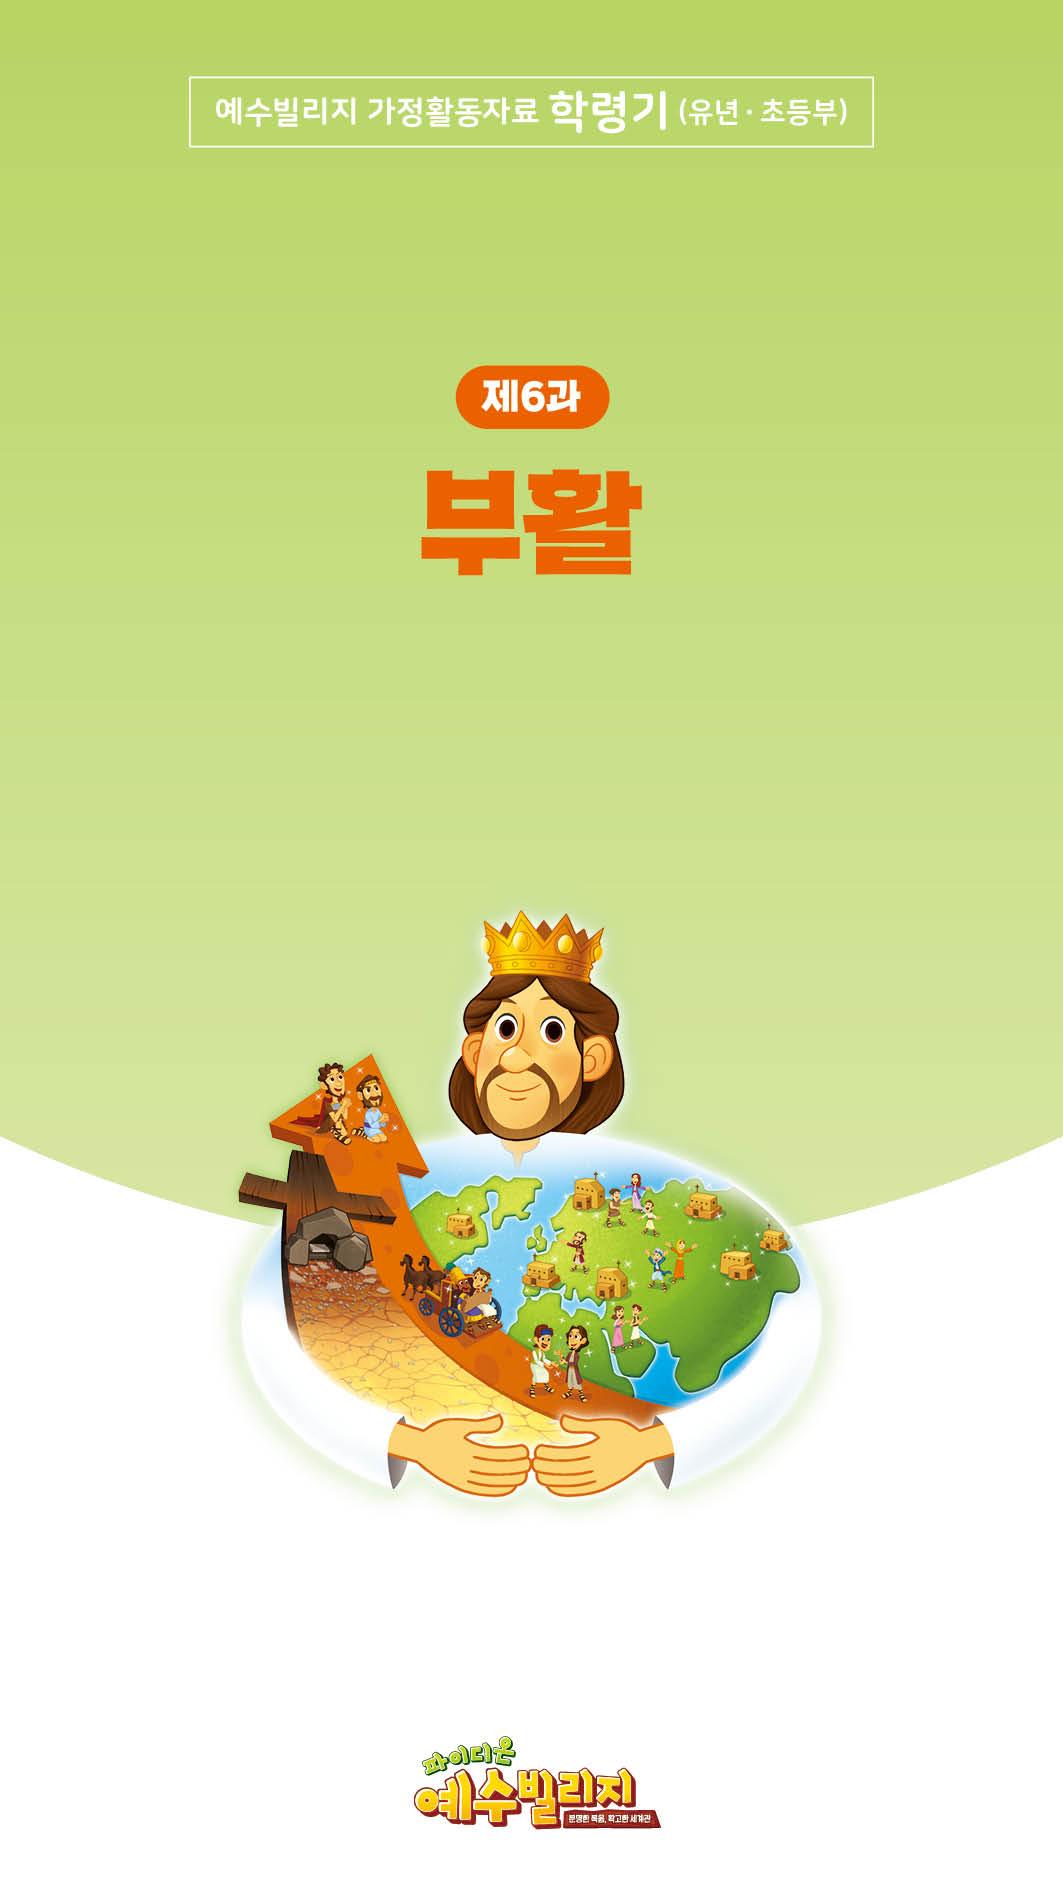 예빌 가정활동자료_신약2 모바일_6과 학령기.jpg